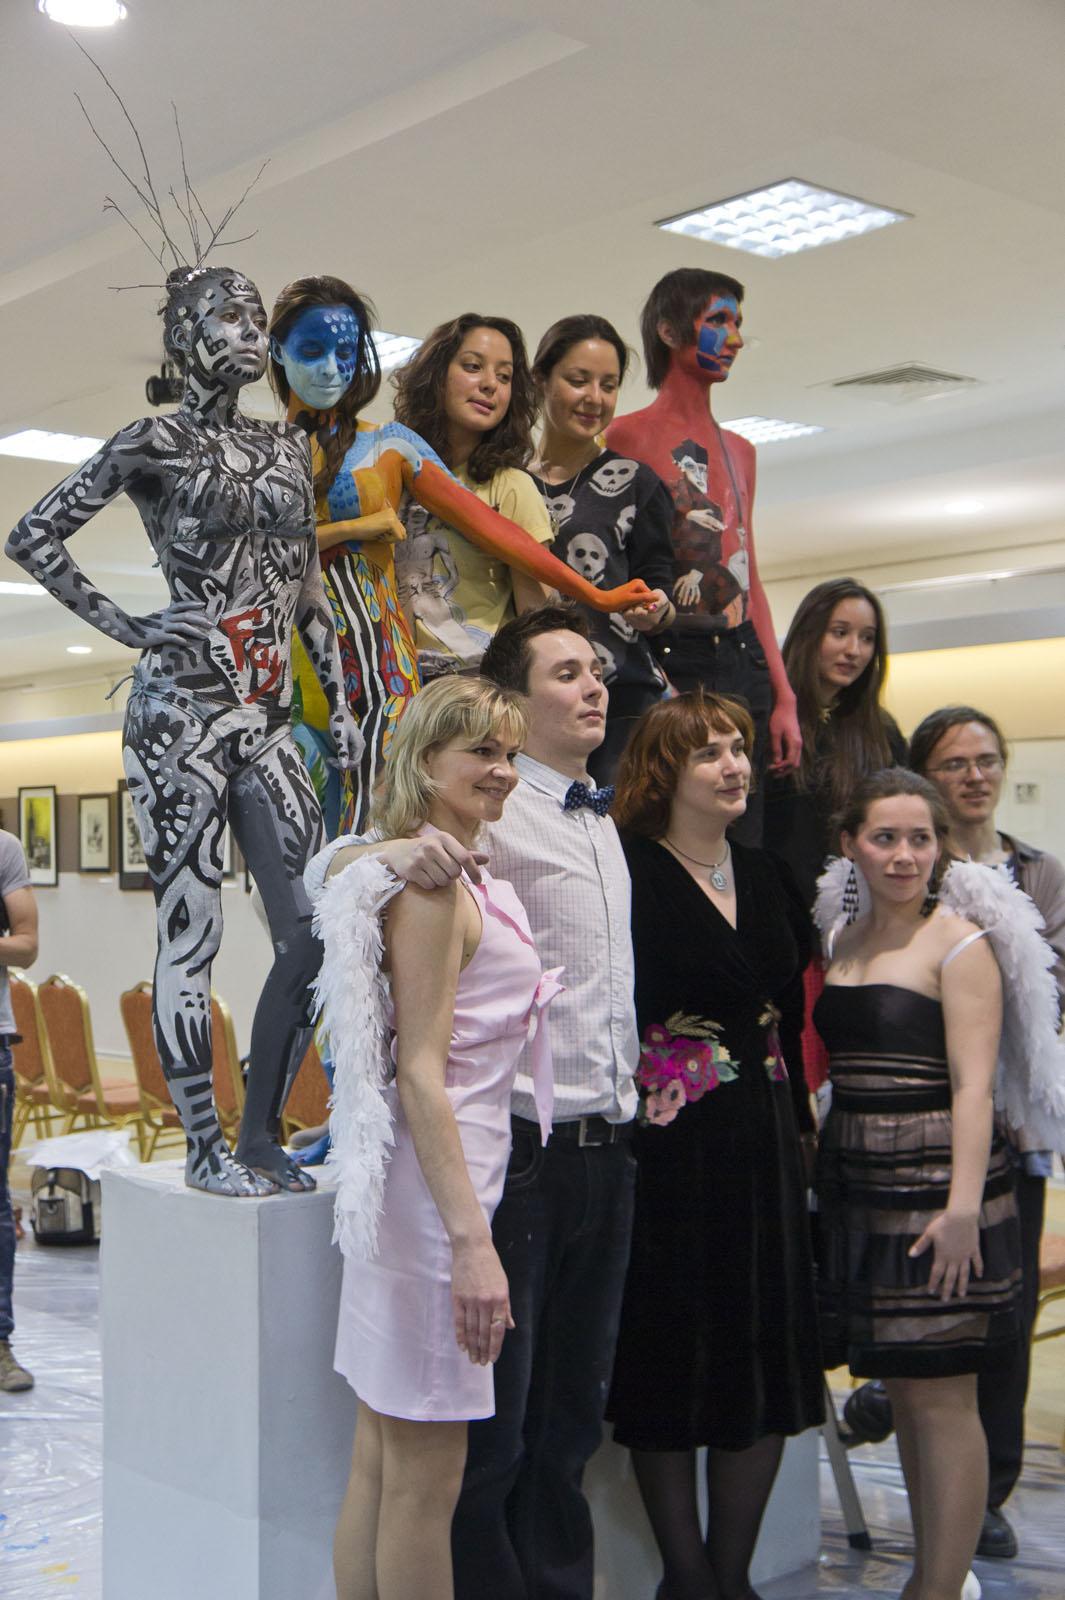 Фото №78154. Модели, мастера, ангелы-вдохновители и хозяйка Манежа «Body-Art Battle»